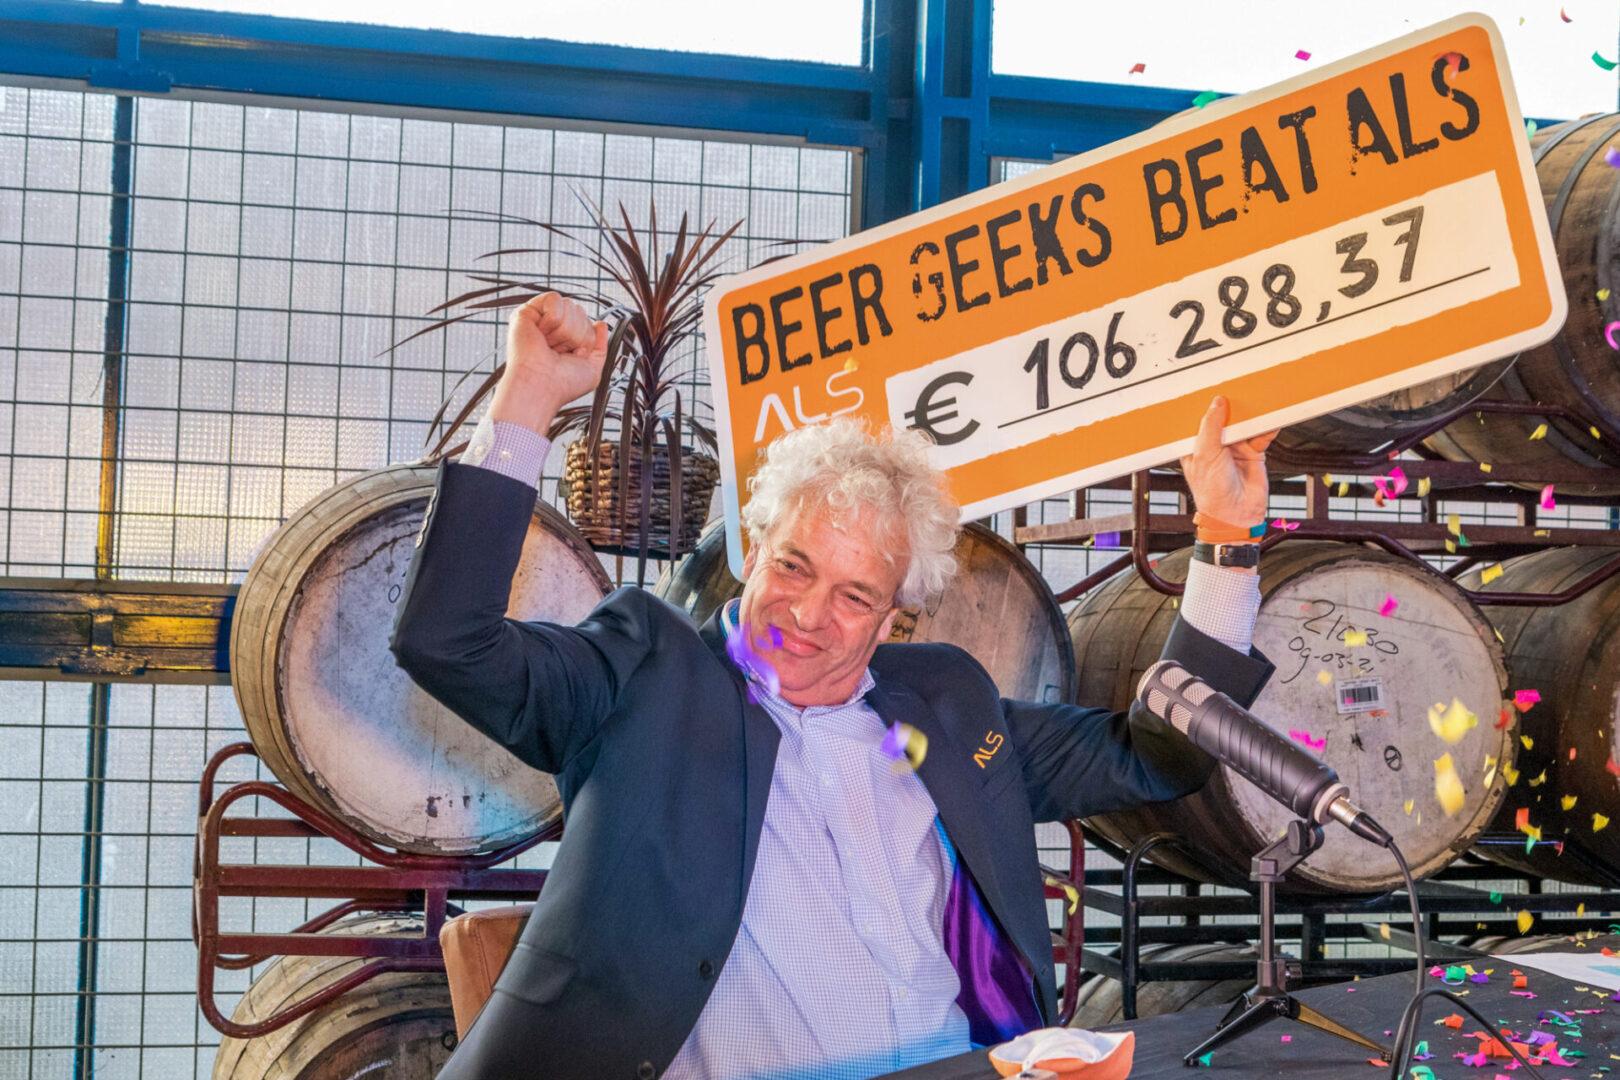 Beer Geeks halen ruim 106.000 euro op voor ALS